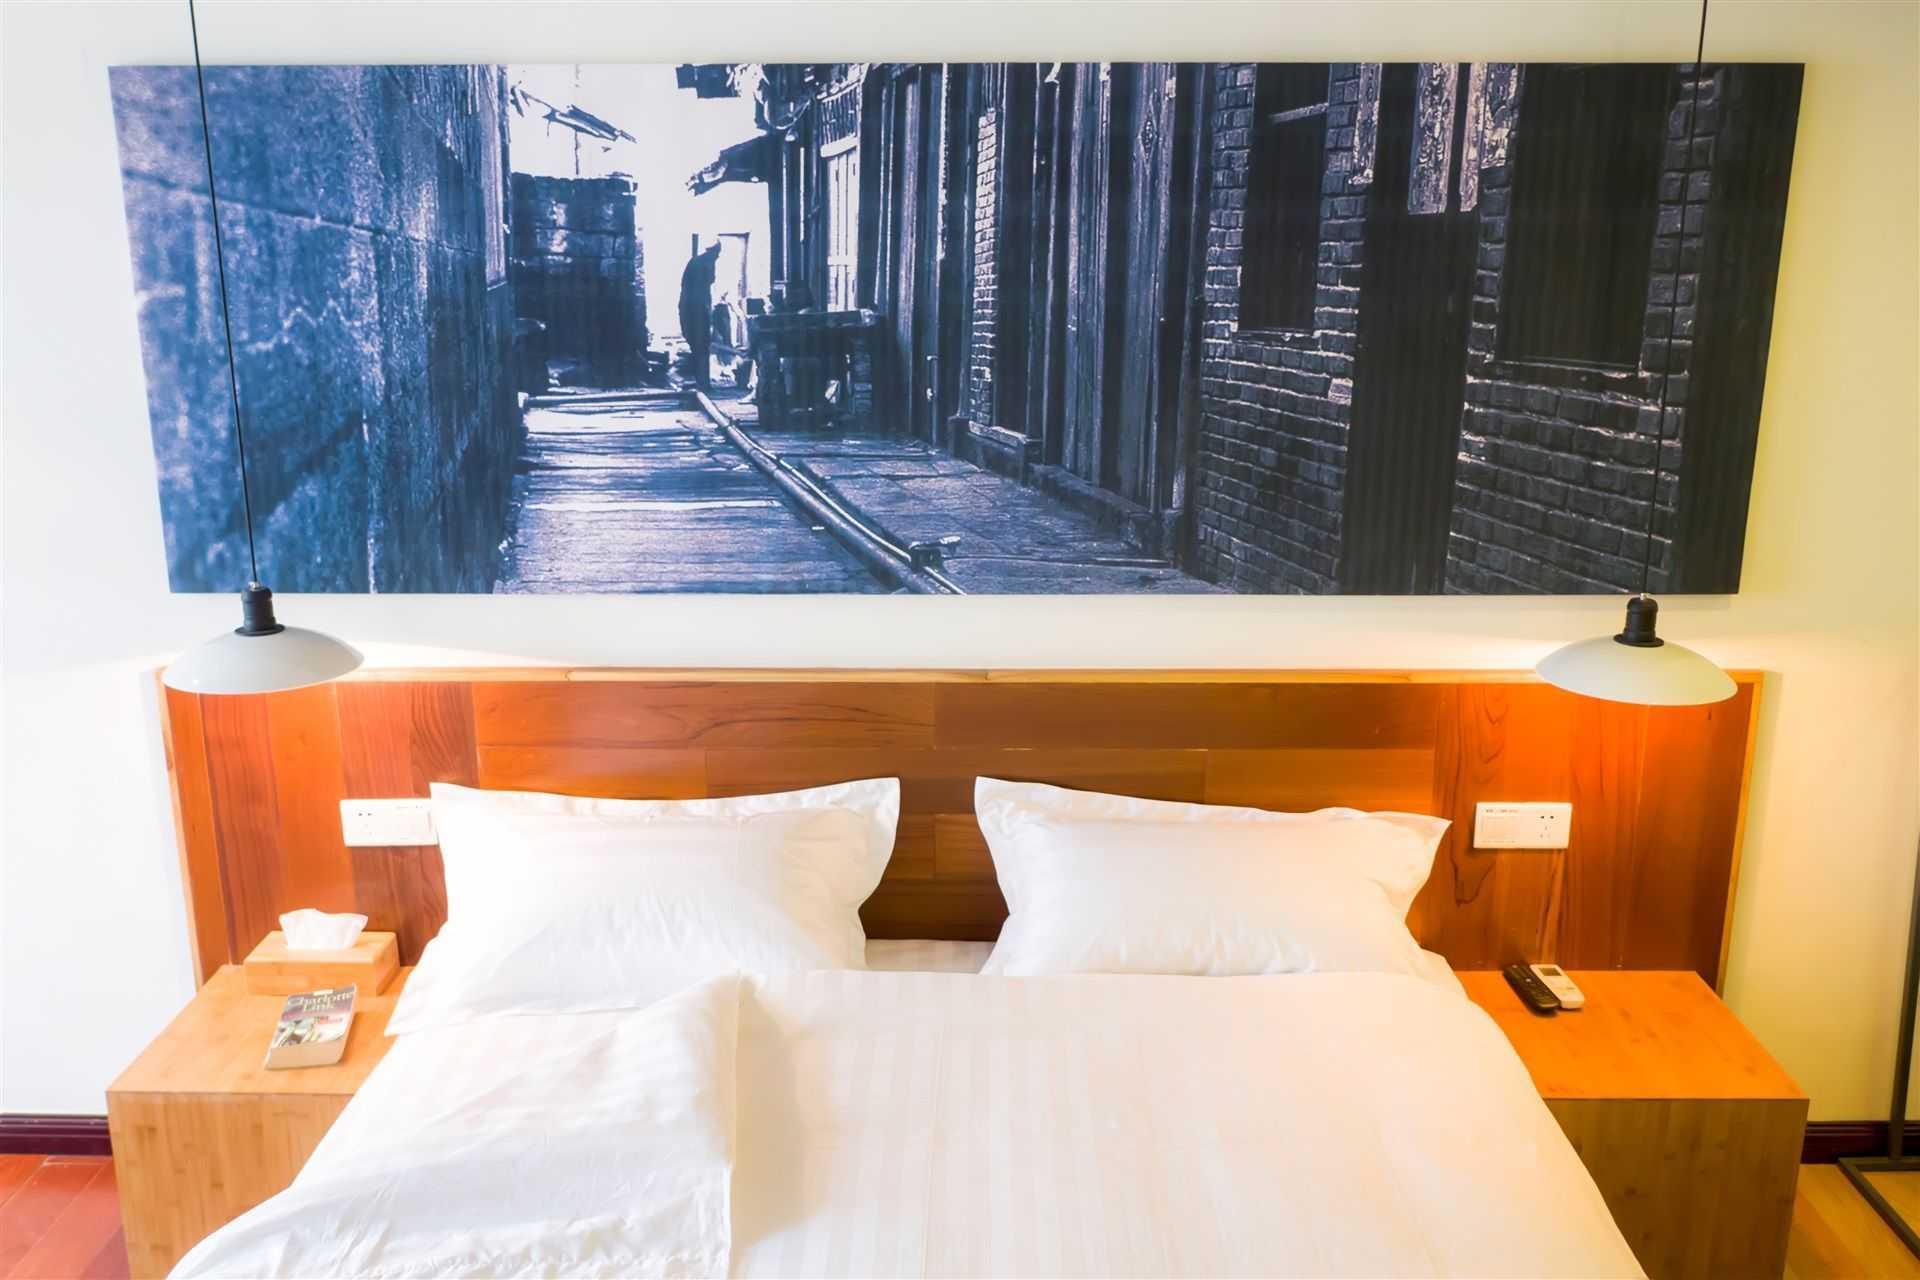 重庆瓦舍旅行酒店 - http://www.chongqingtravellingwith.com/中兴路7号渝亚大厦5楼Tel:+86 2363033925Email:chongqing@travellingwithhotel.com